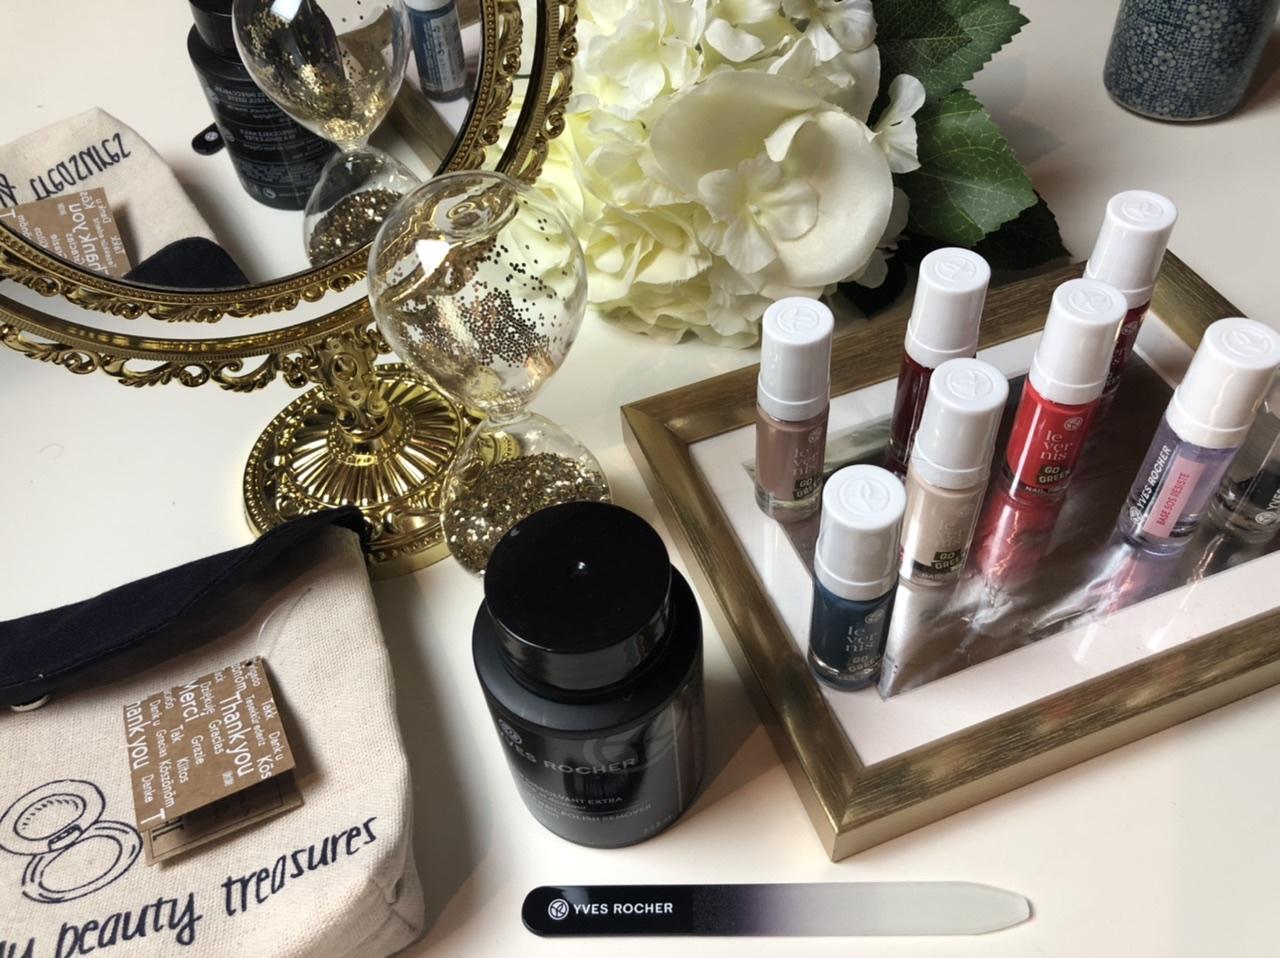 Yves Rocher smalti: Ecco tutto ciò che vi occorre per una manicure perfetta